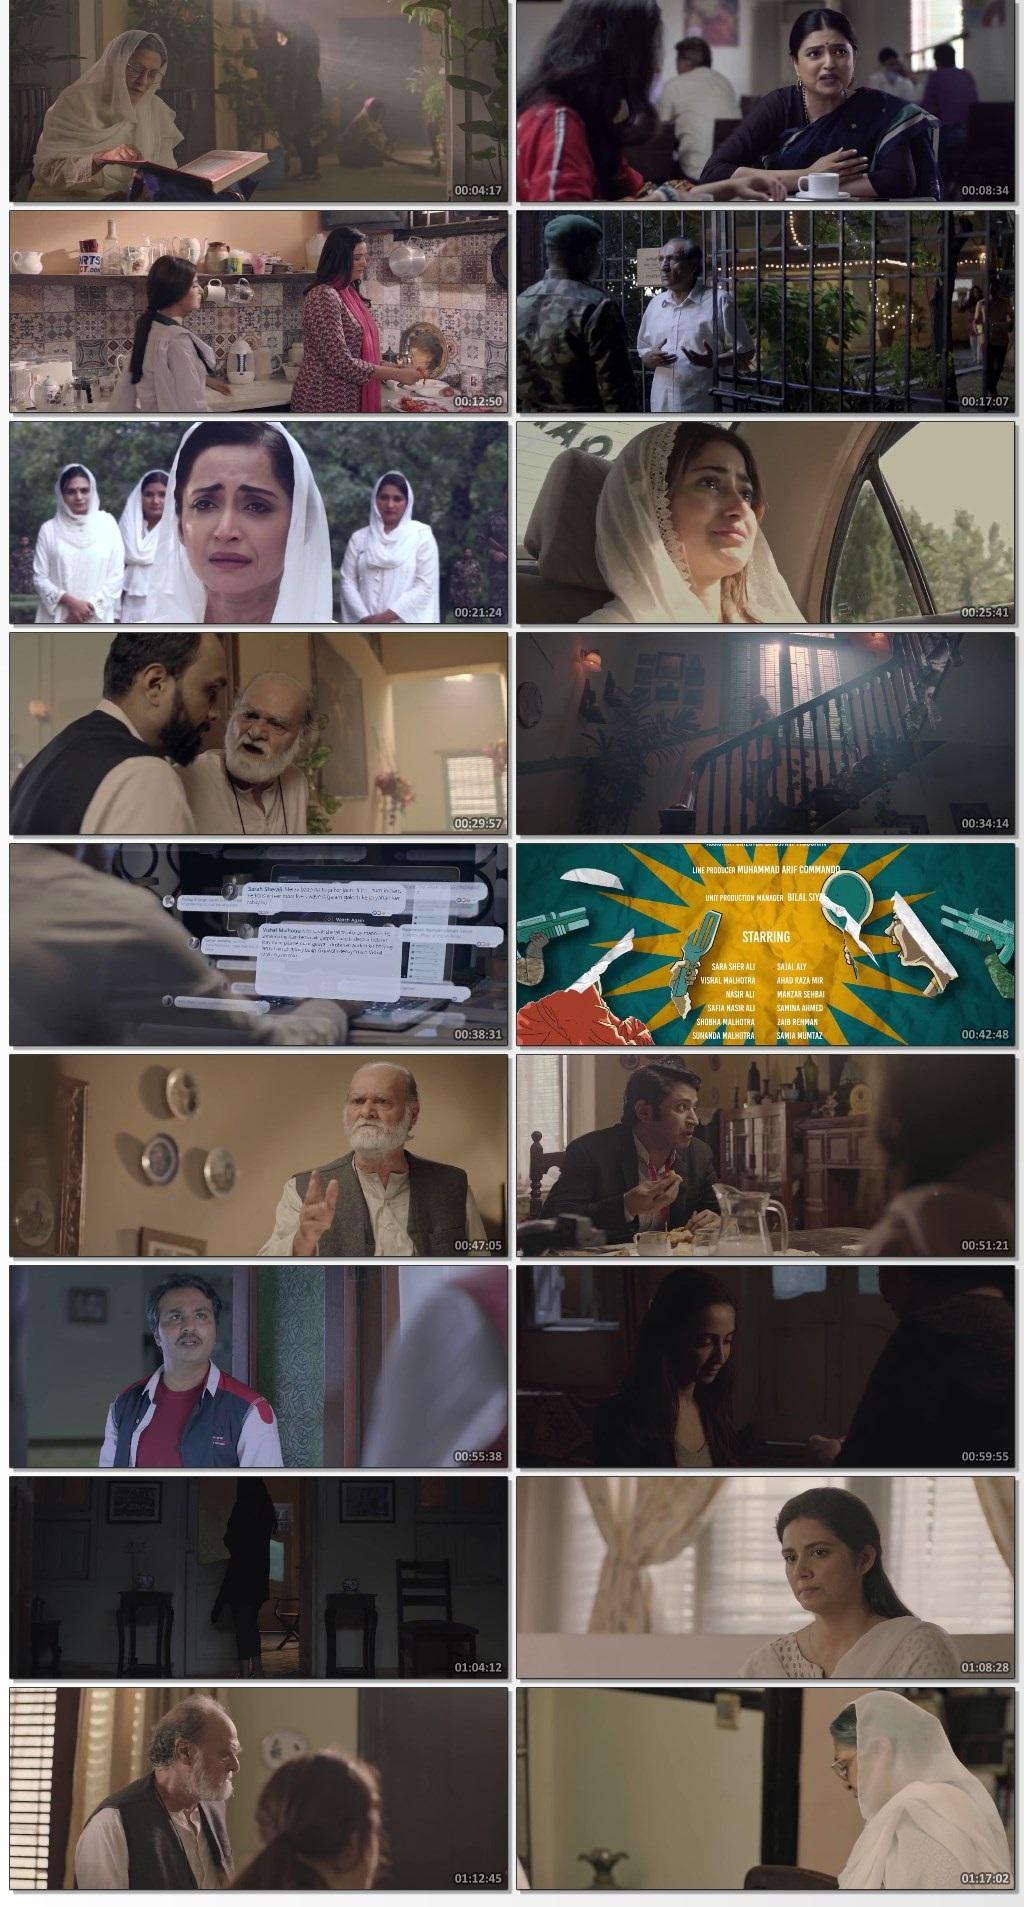 Dhoop-Ki-Deewar-2021-Hindi-S01-EP1-2-Complete-Zee5-Original-Tv-Series-mkv-thumbs